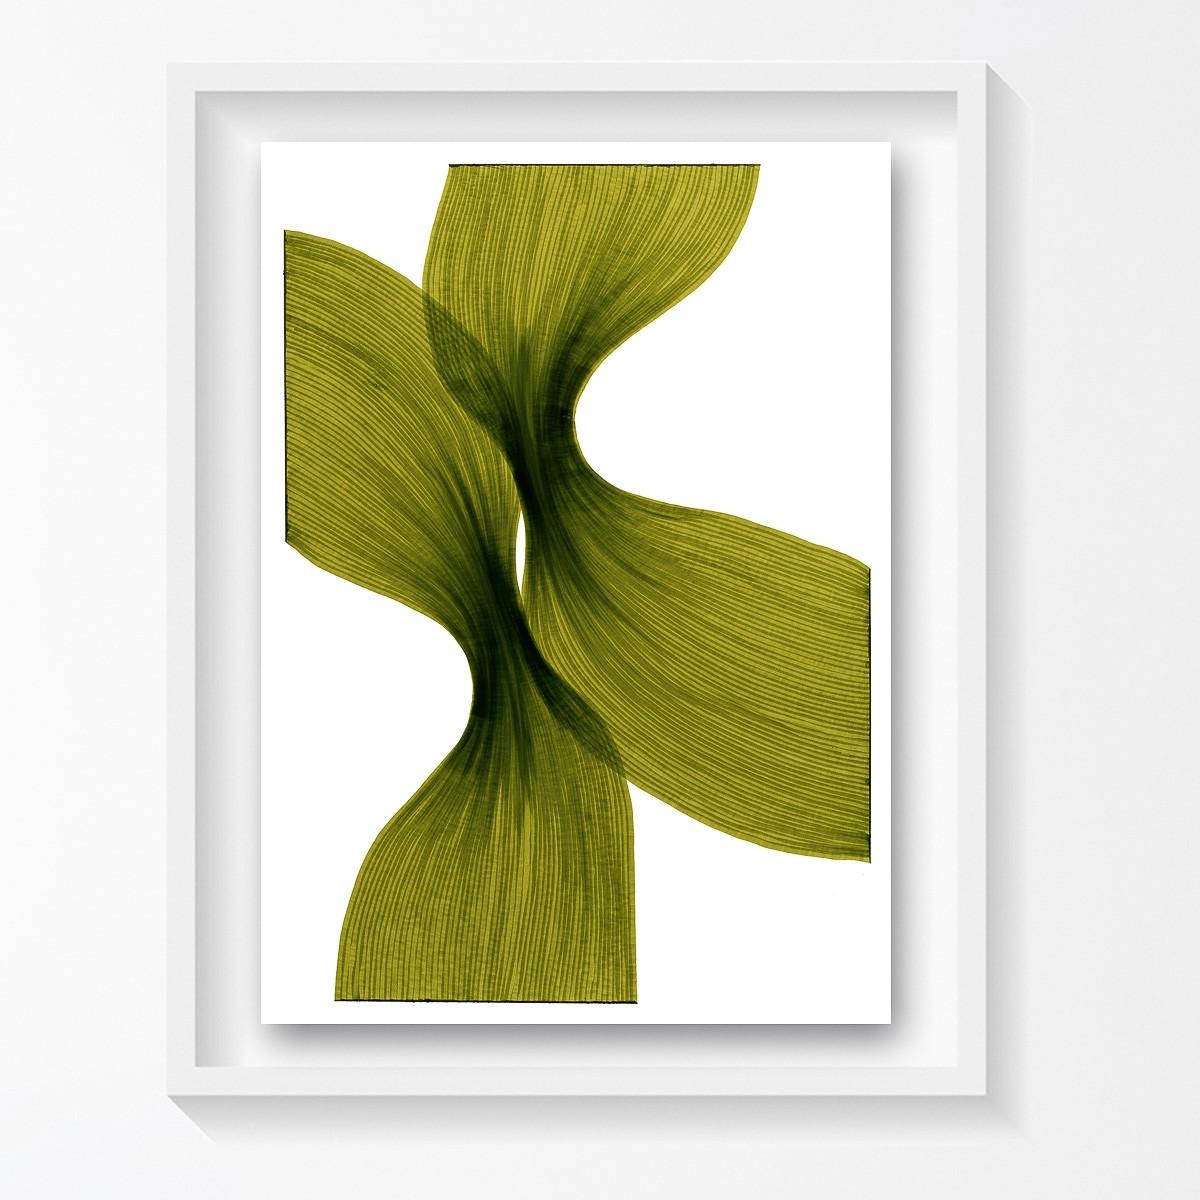 Banana Leaf Sheer Folds   Lali Torma   Zeichnung   Kalligraphietusche auf Papier, gerahmt